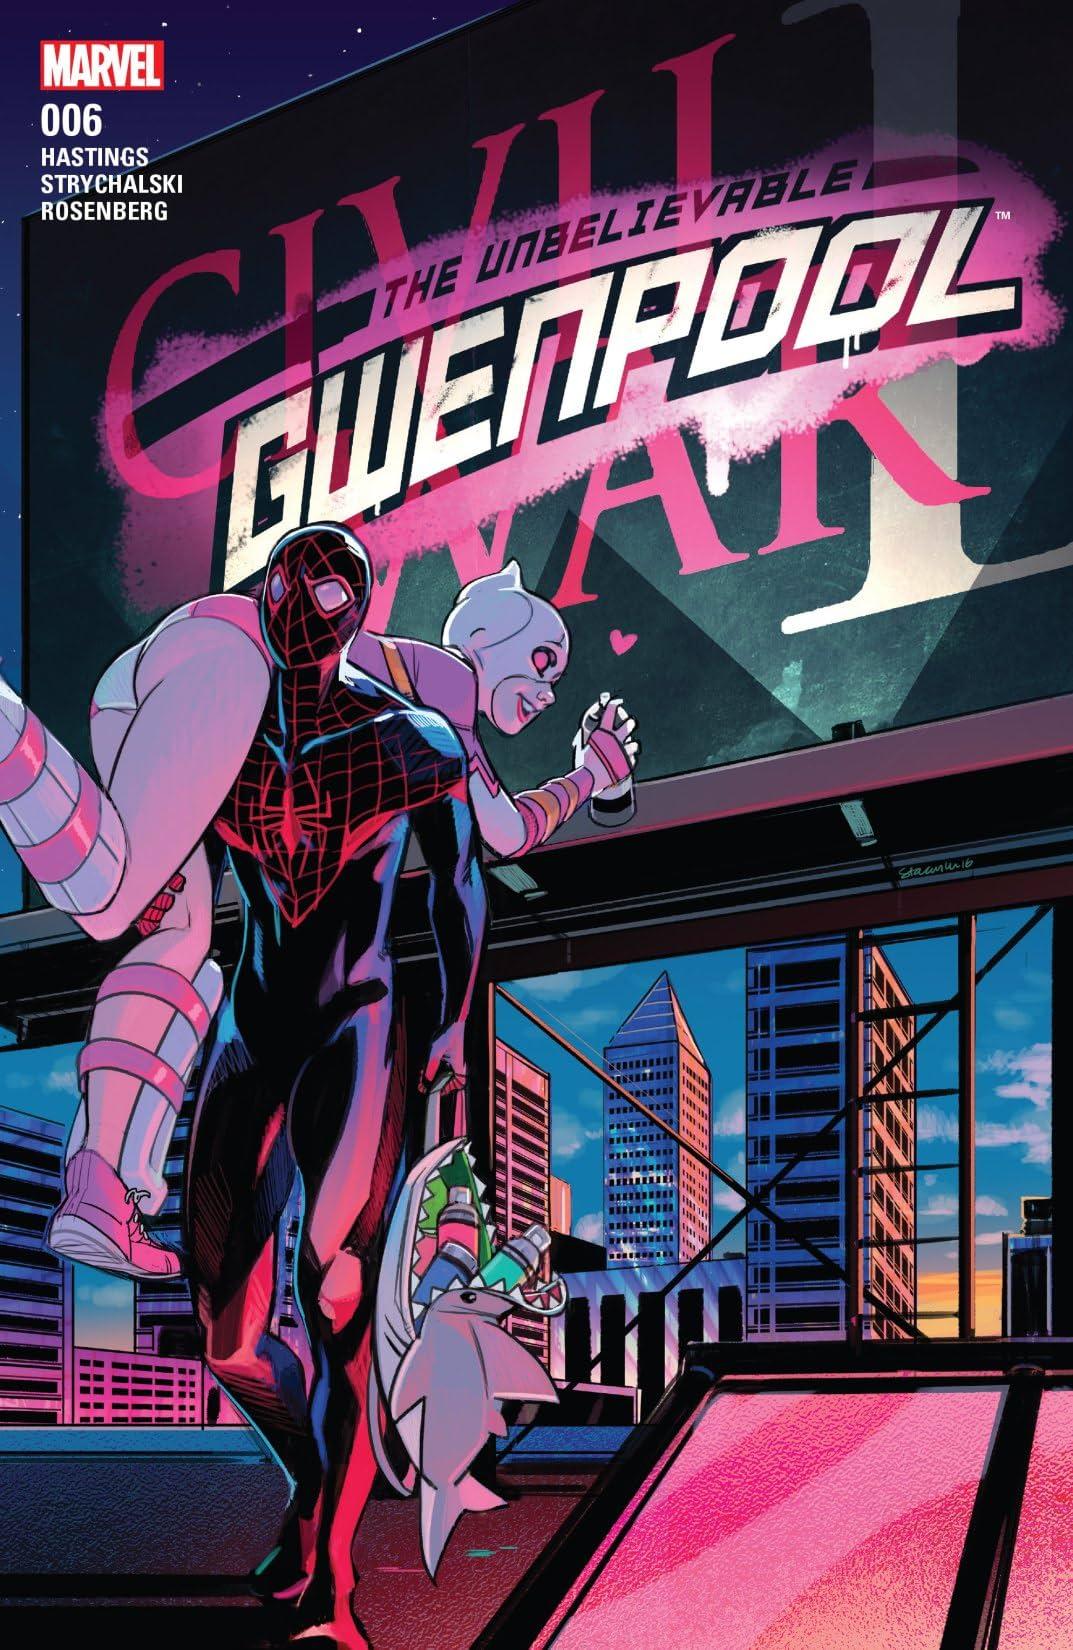 Gwenpool, The Unbelievable (2016-2018) #6 - Comics by comiXology: Web UK